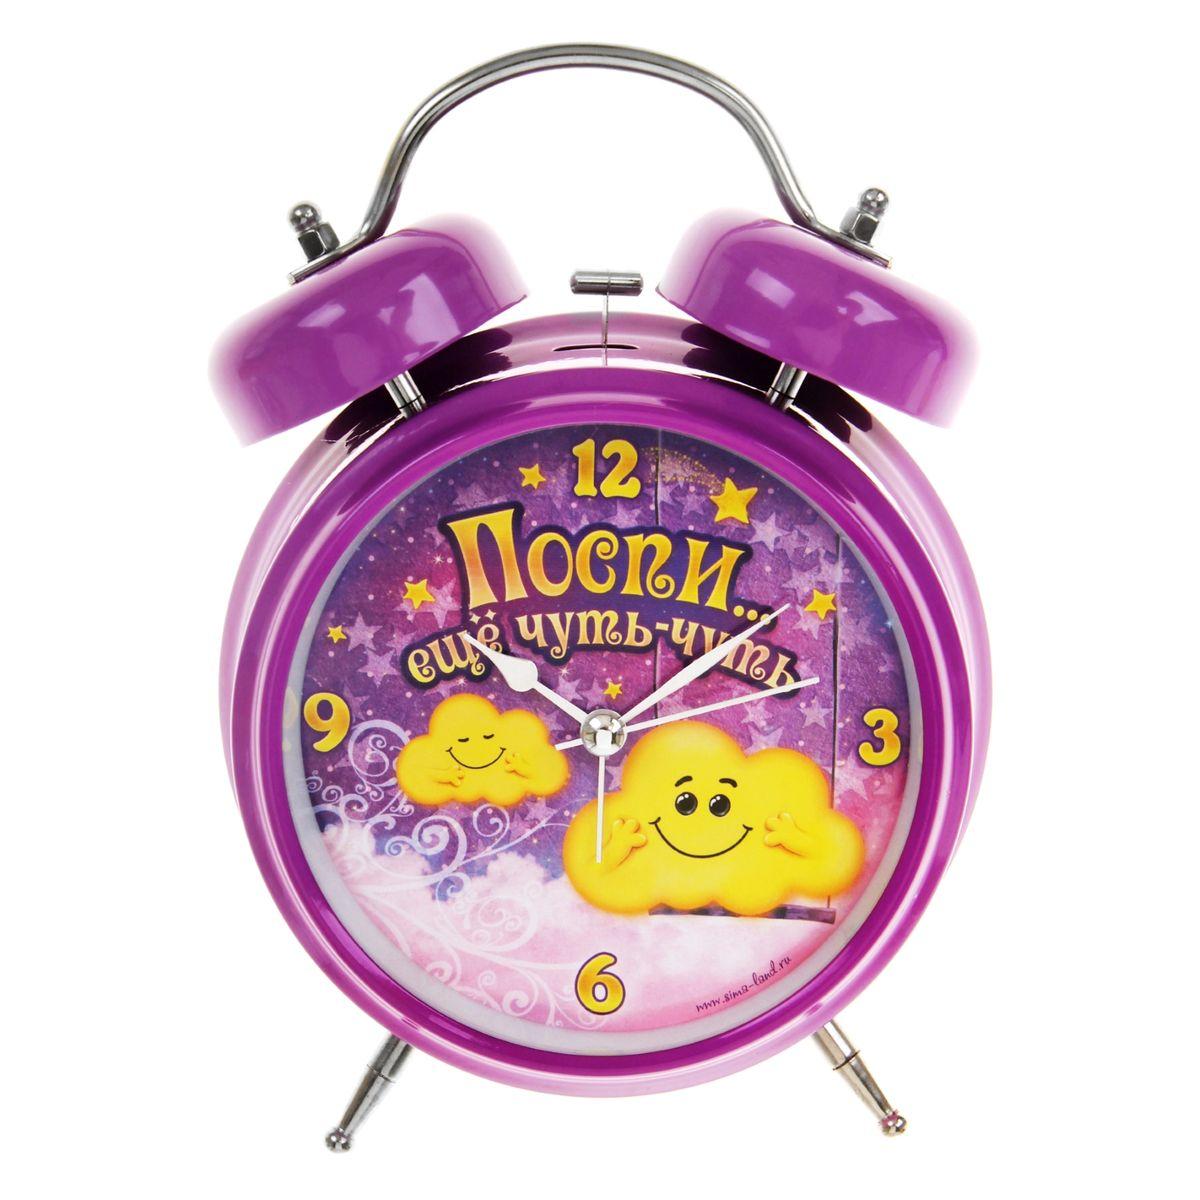 Часы-будильник Sima-land Поспи еще чуть-чуть839687Как же сложно иногда вставать вовремя! Всегда так хочется поспать еще хотя бы 5 минут и бывает, что мы просыпаем. Теперь этого не случится! Яркий, оригинальный будильник Sima-land Поспи еще чуть-чуть поможет вам всегда вставать в нужное время и успевать везде и всюду. Такой будильник также станет прекрасным подарком. На задней панели будильника расположены переключатель включения/выключения механизма и два колесика для настройки текущего времени и времени звонка будильника. Также будильник оснащен кнопкой, при нажатии и удержании которой подсвечивается циферблат. Будильник работает от 1 батарейки типа AA напряжением 1,5V (не входит в комплект).